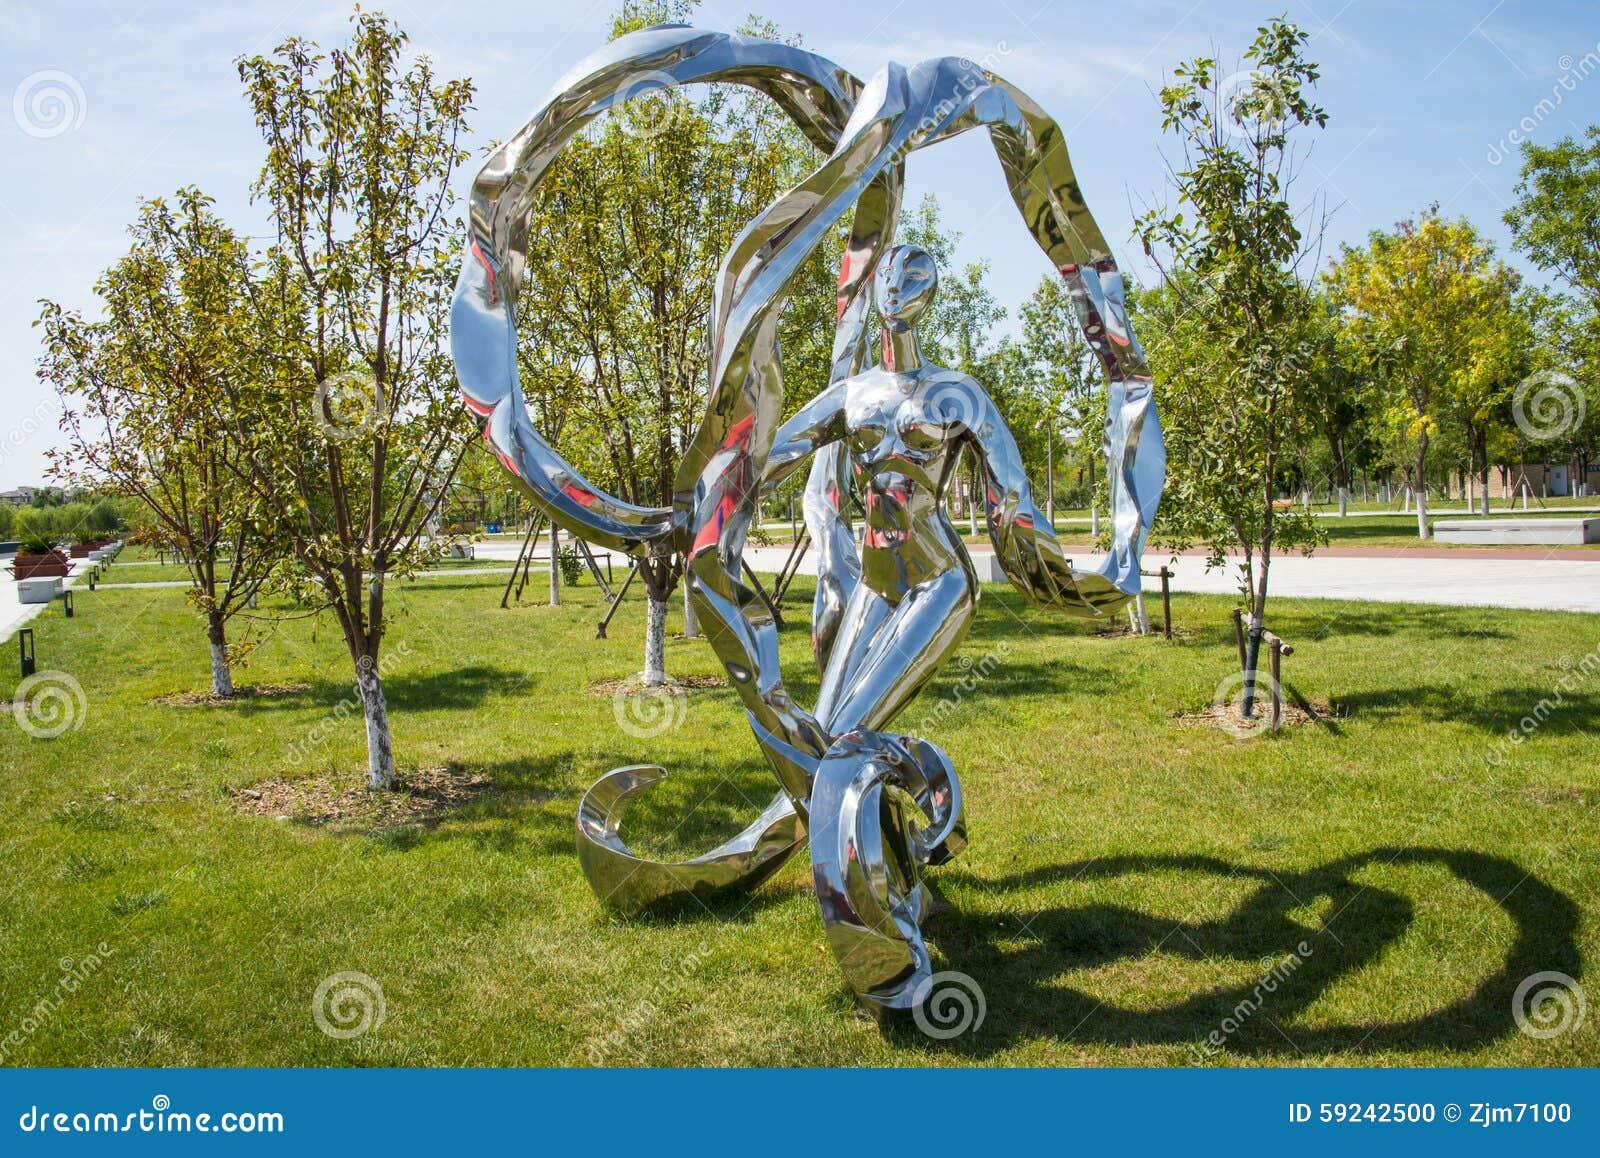 Азия Китай, Wuqing, Тяньцзинь, зеленое экспо, скульптура ландшафта, ленты женщины развевая